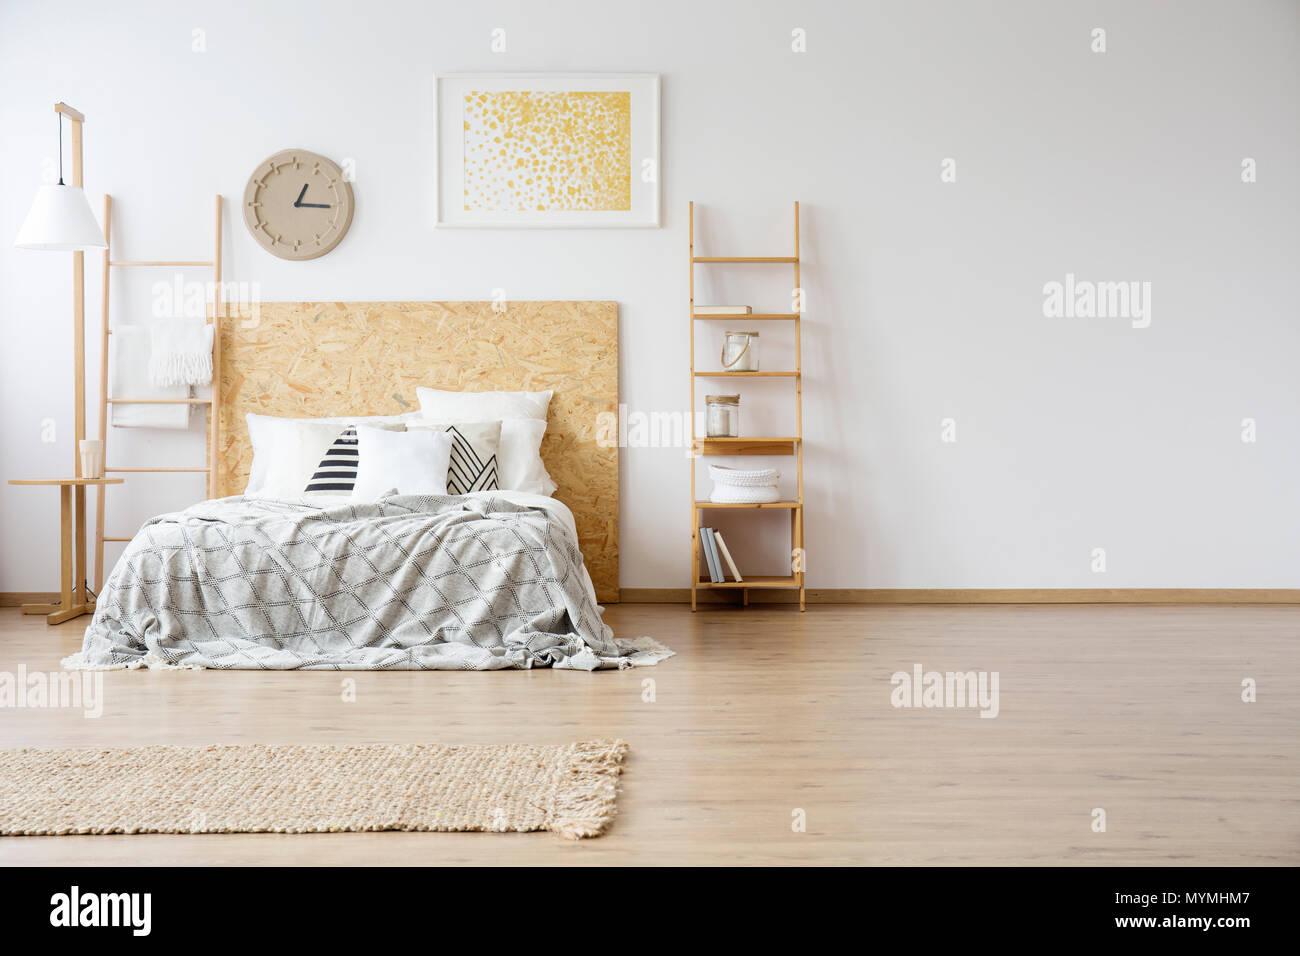 Interieur Spacieux D Une Grande Chambre A Coucher Avec